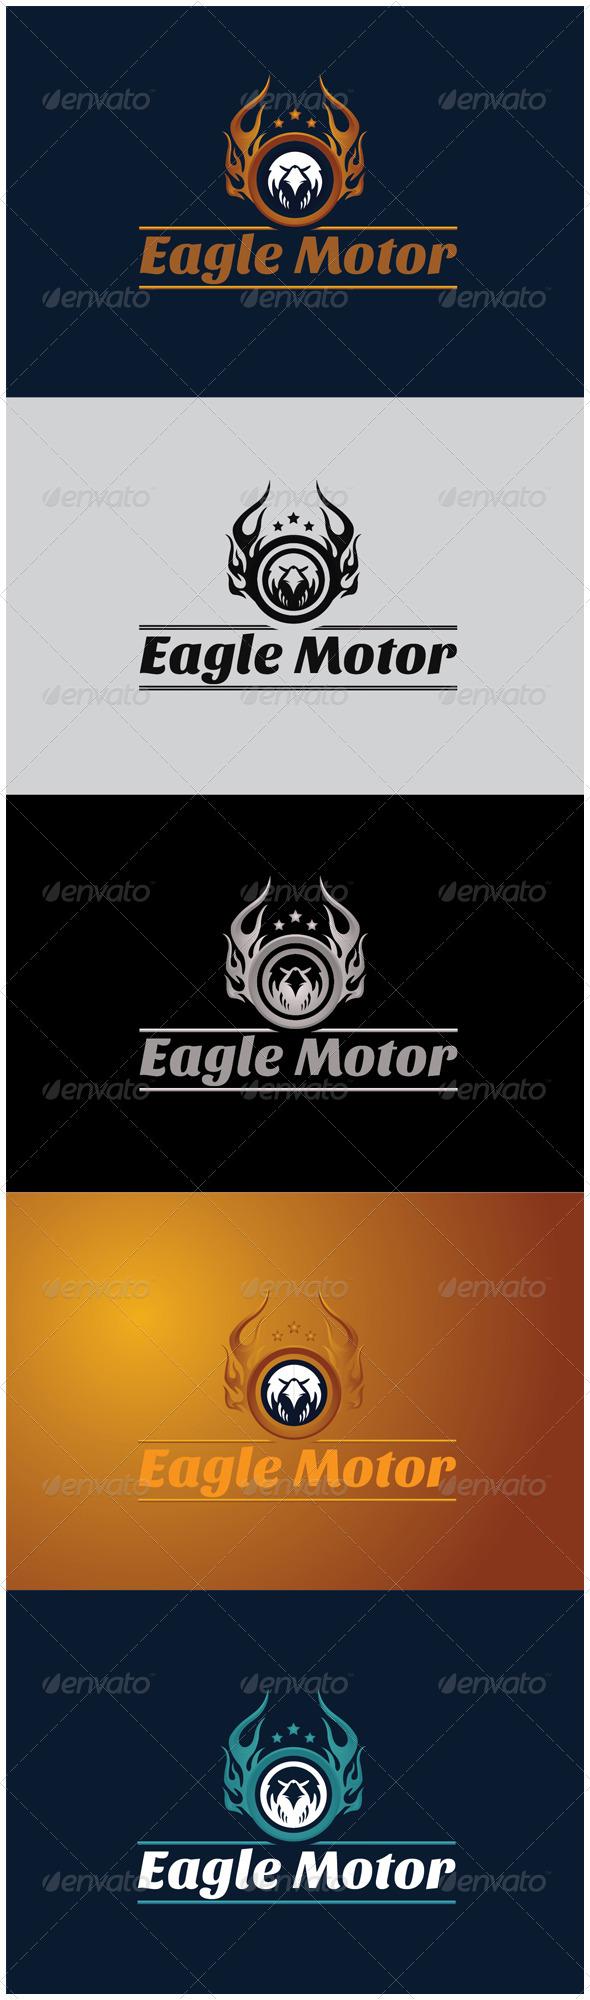 GraphicRiver Eagle Motor 5874793